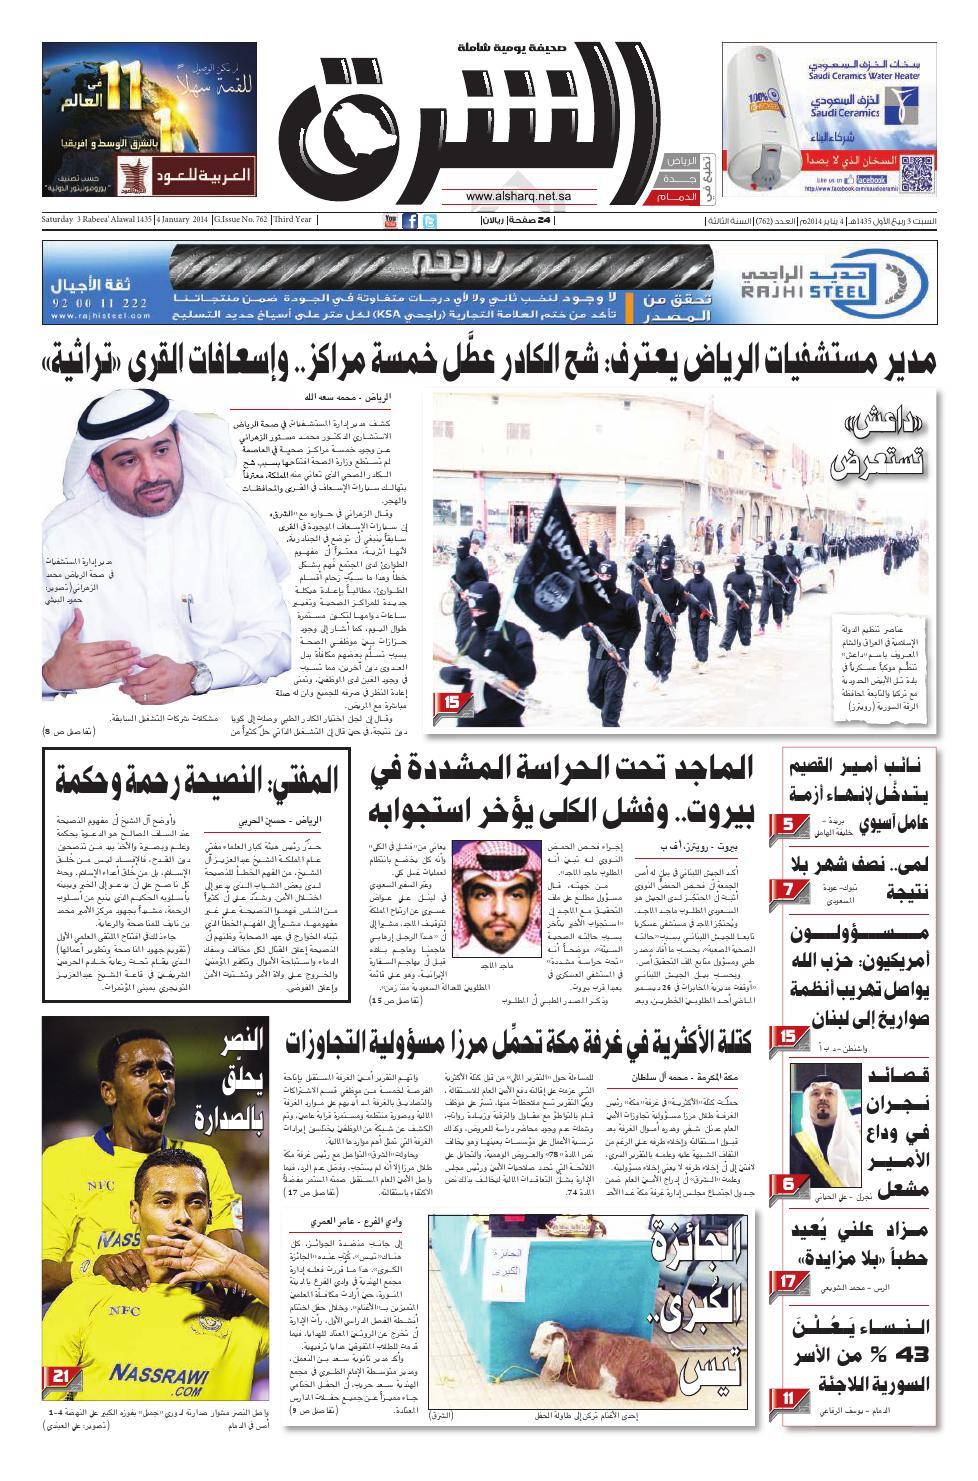 a9595ea5d صحيفة الشرق - العدد 762 - نسخة الدمام by صحيفة الشرق السعودية - issuu